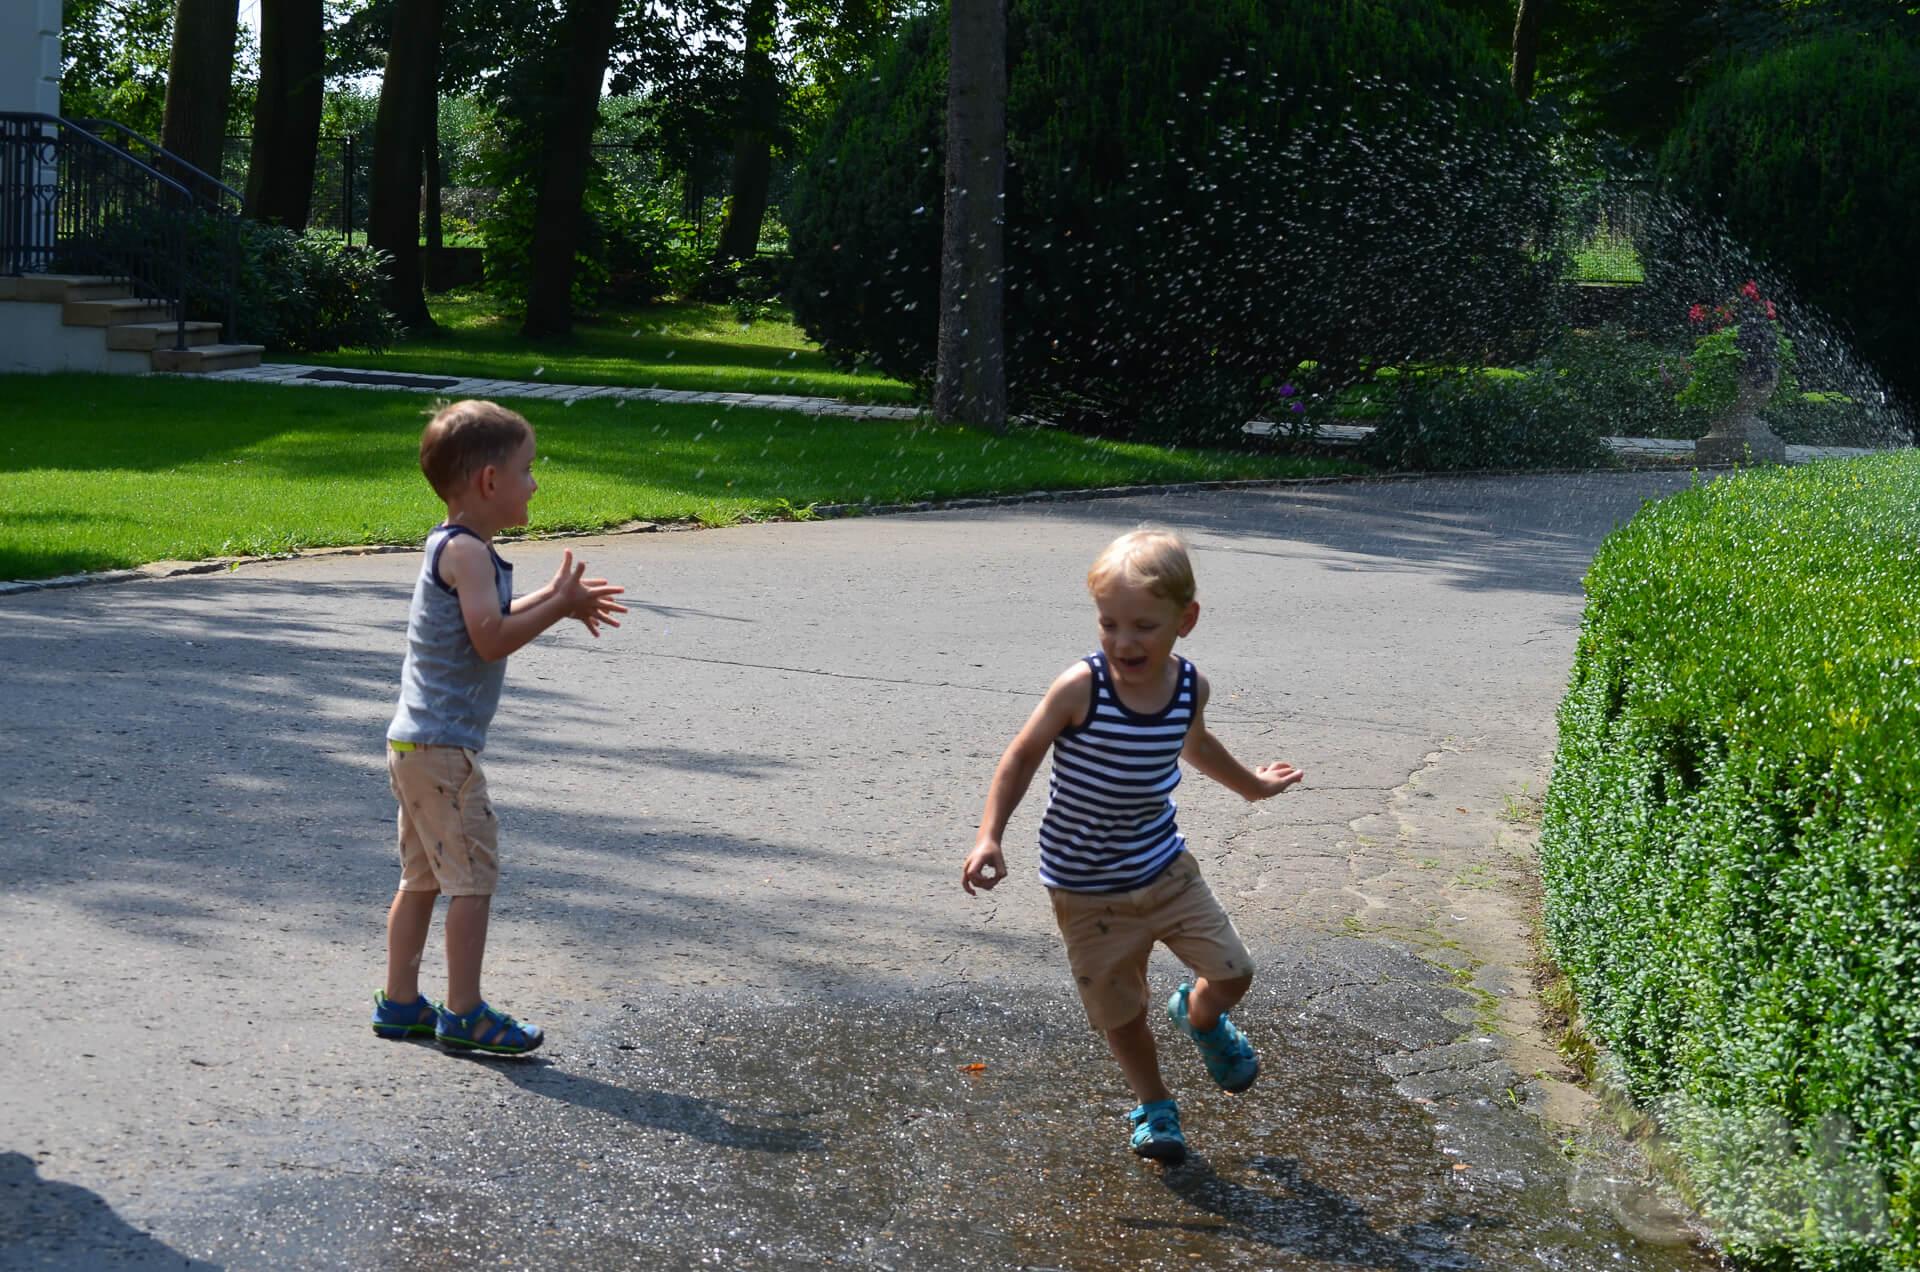 Pałac Mała Wieś chłopcy szaleją przy zraszaczach